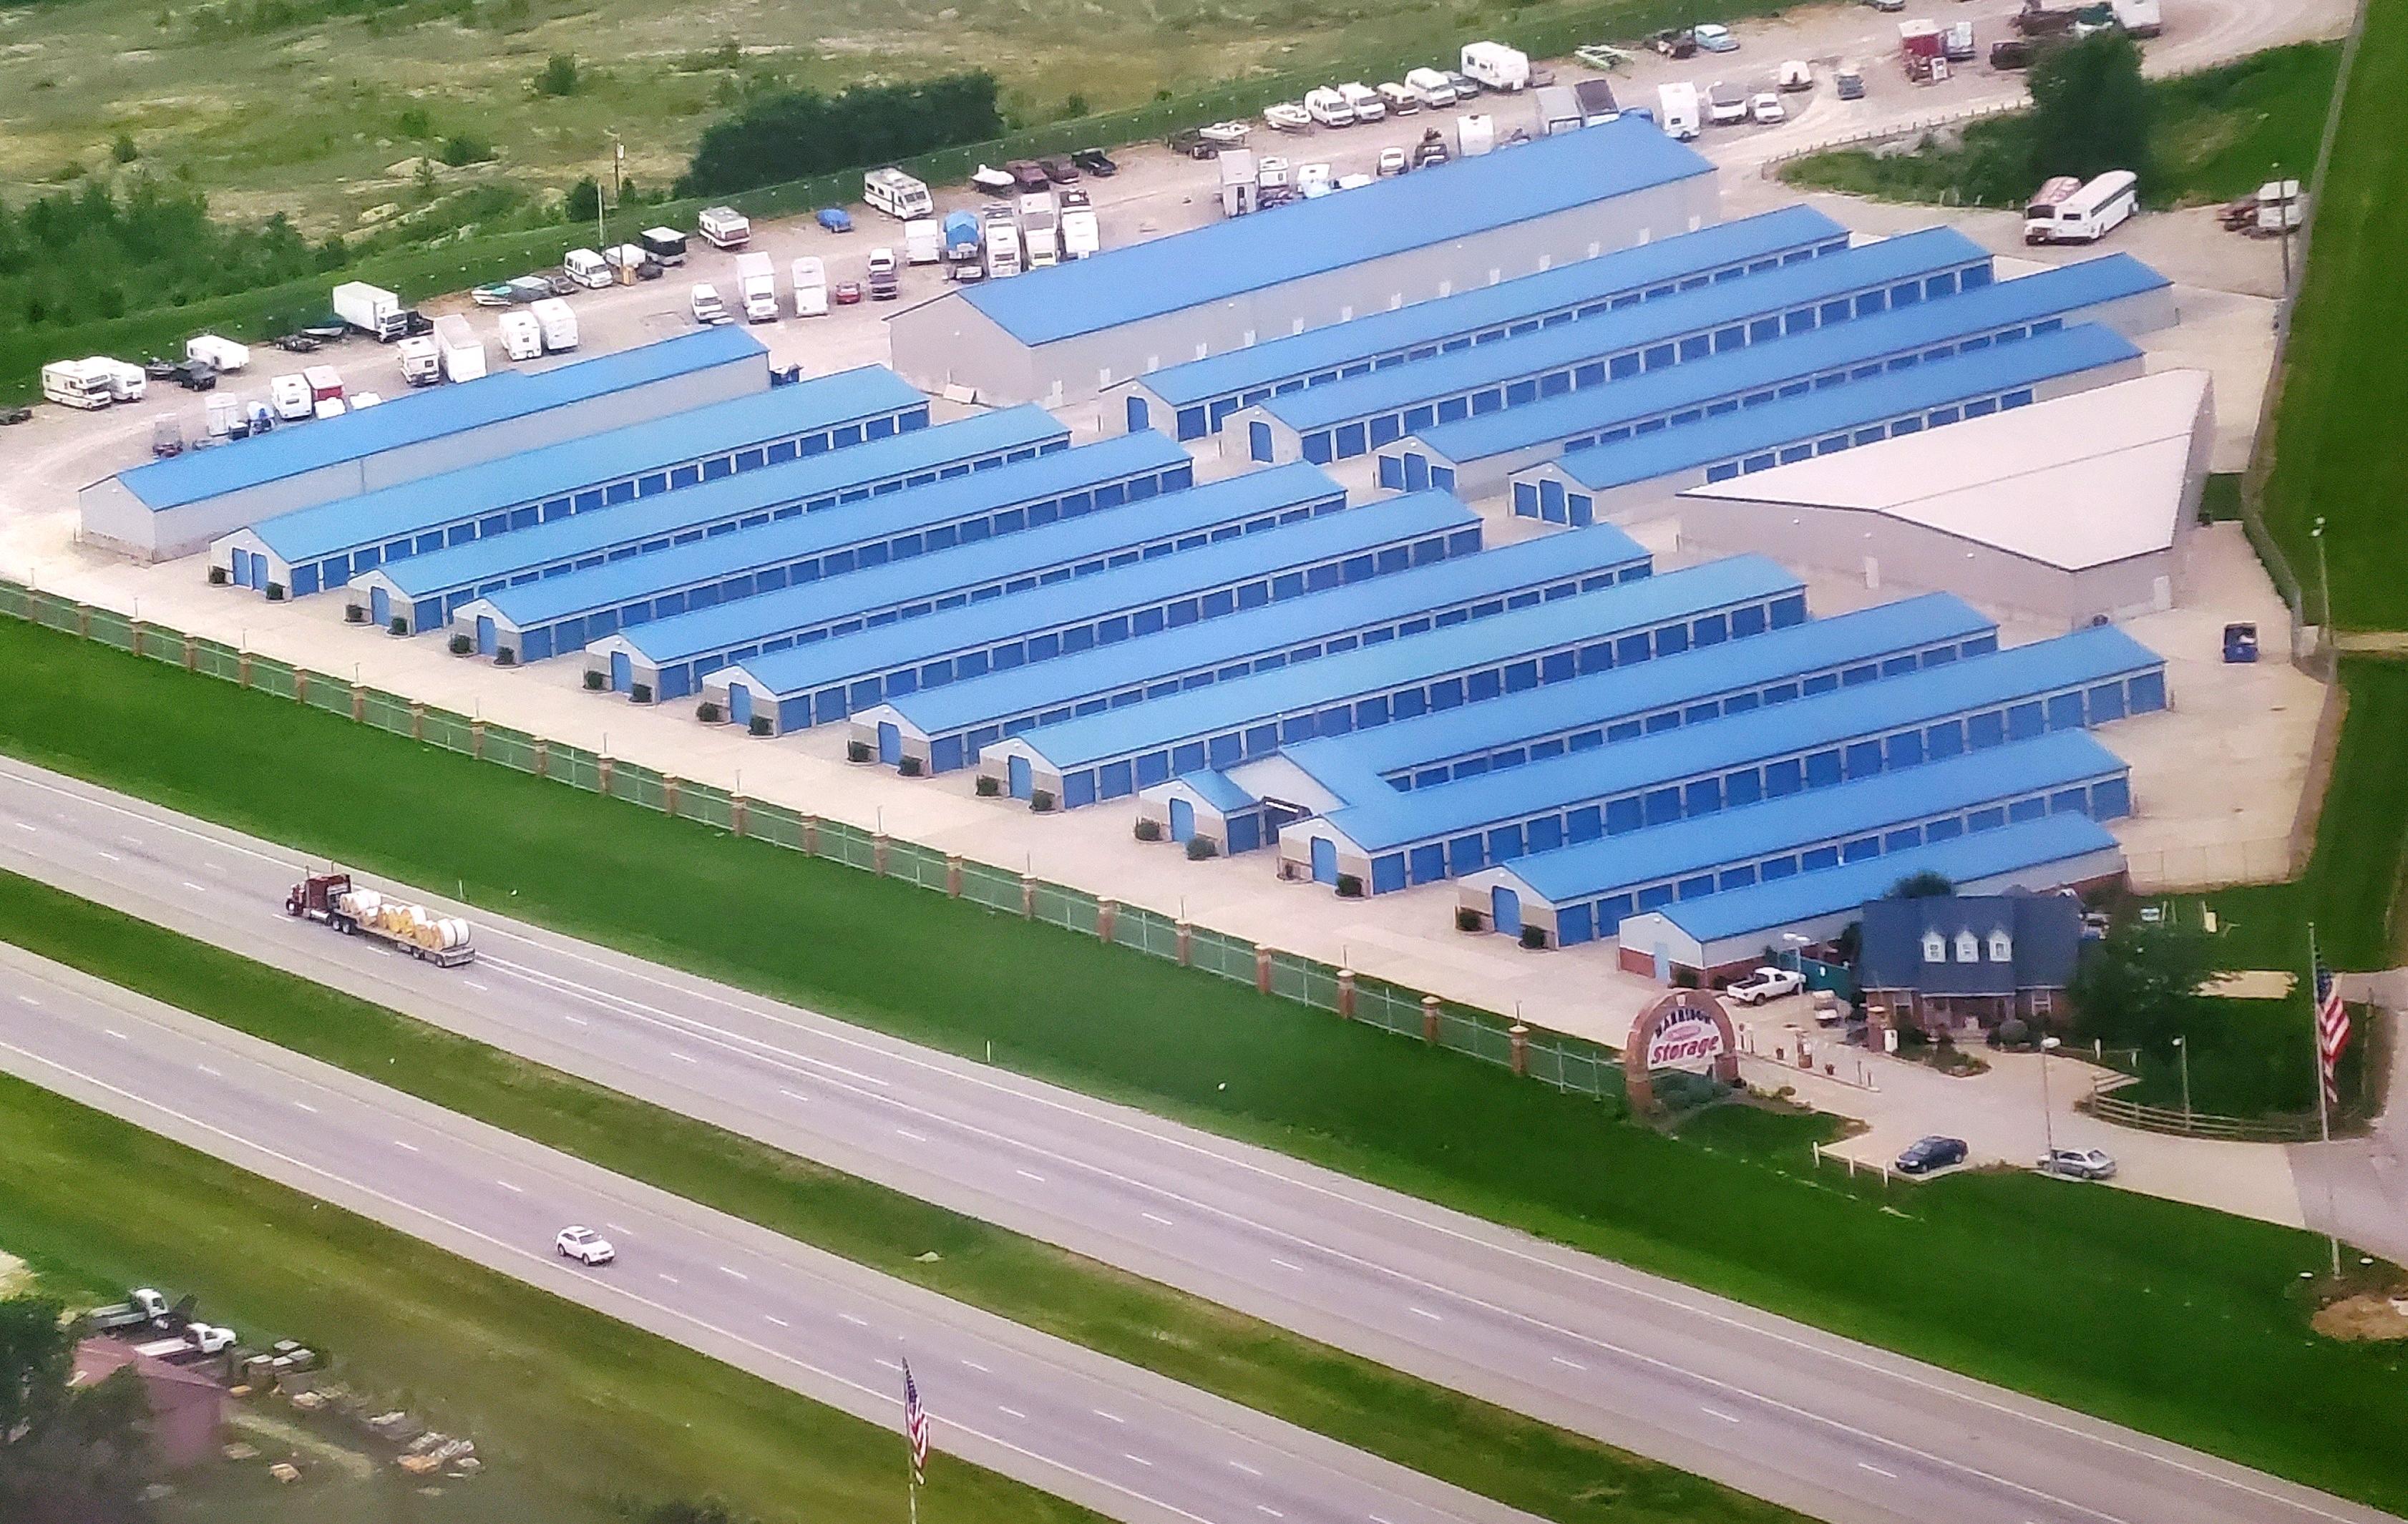 Harrison Storage Aerial